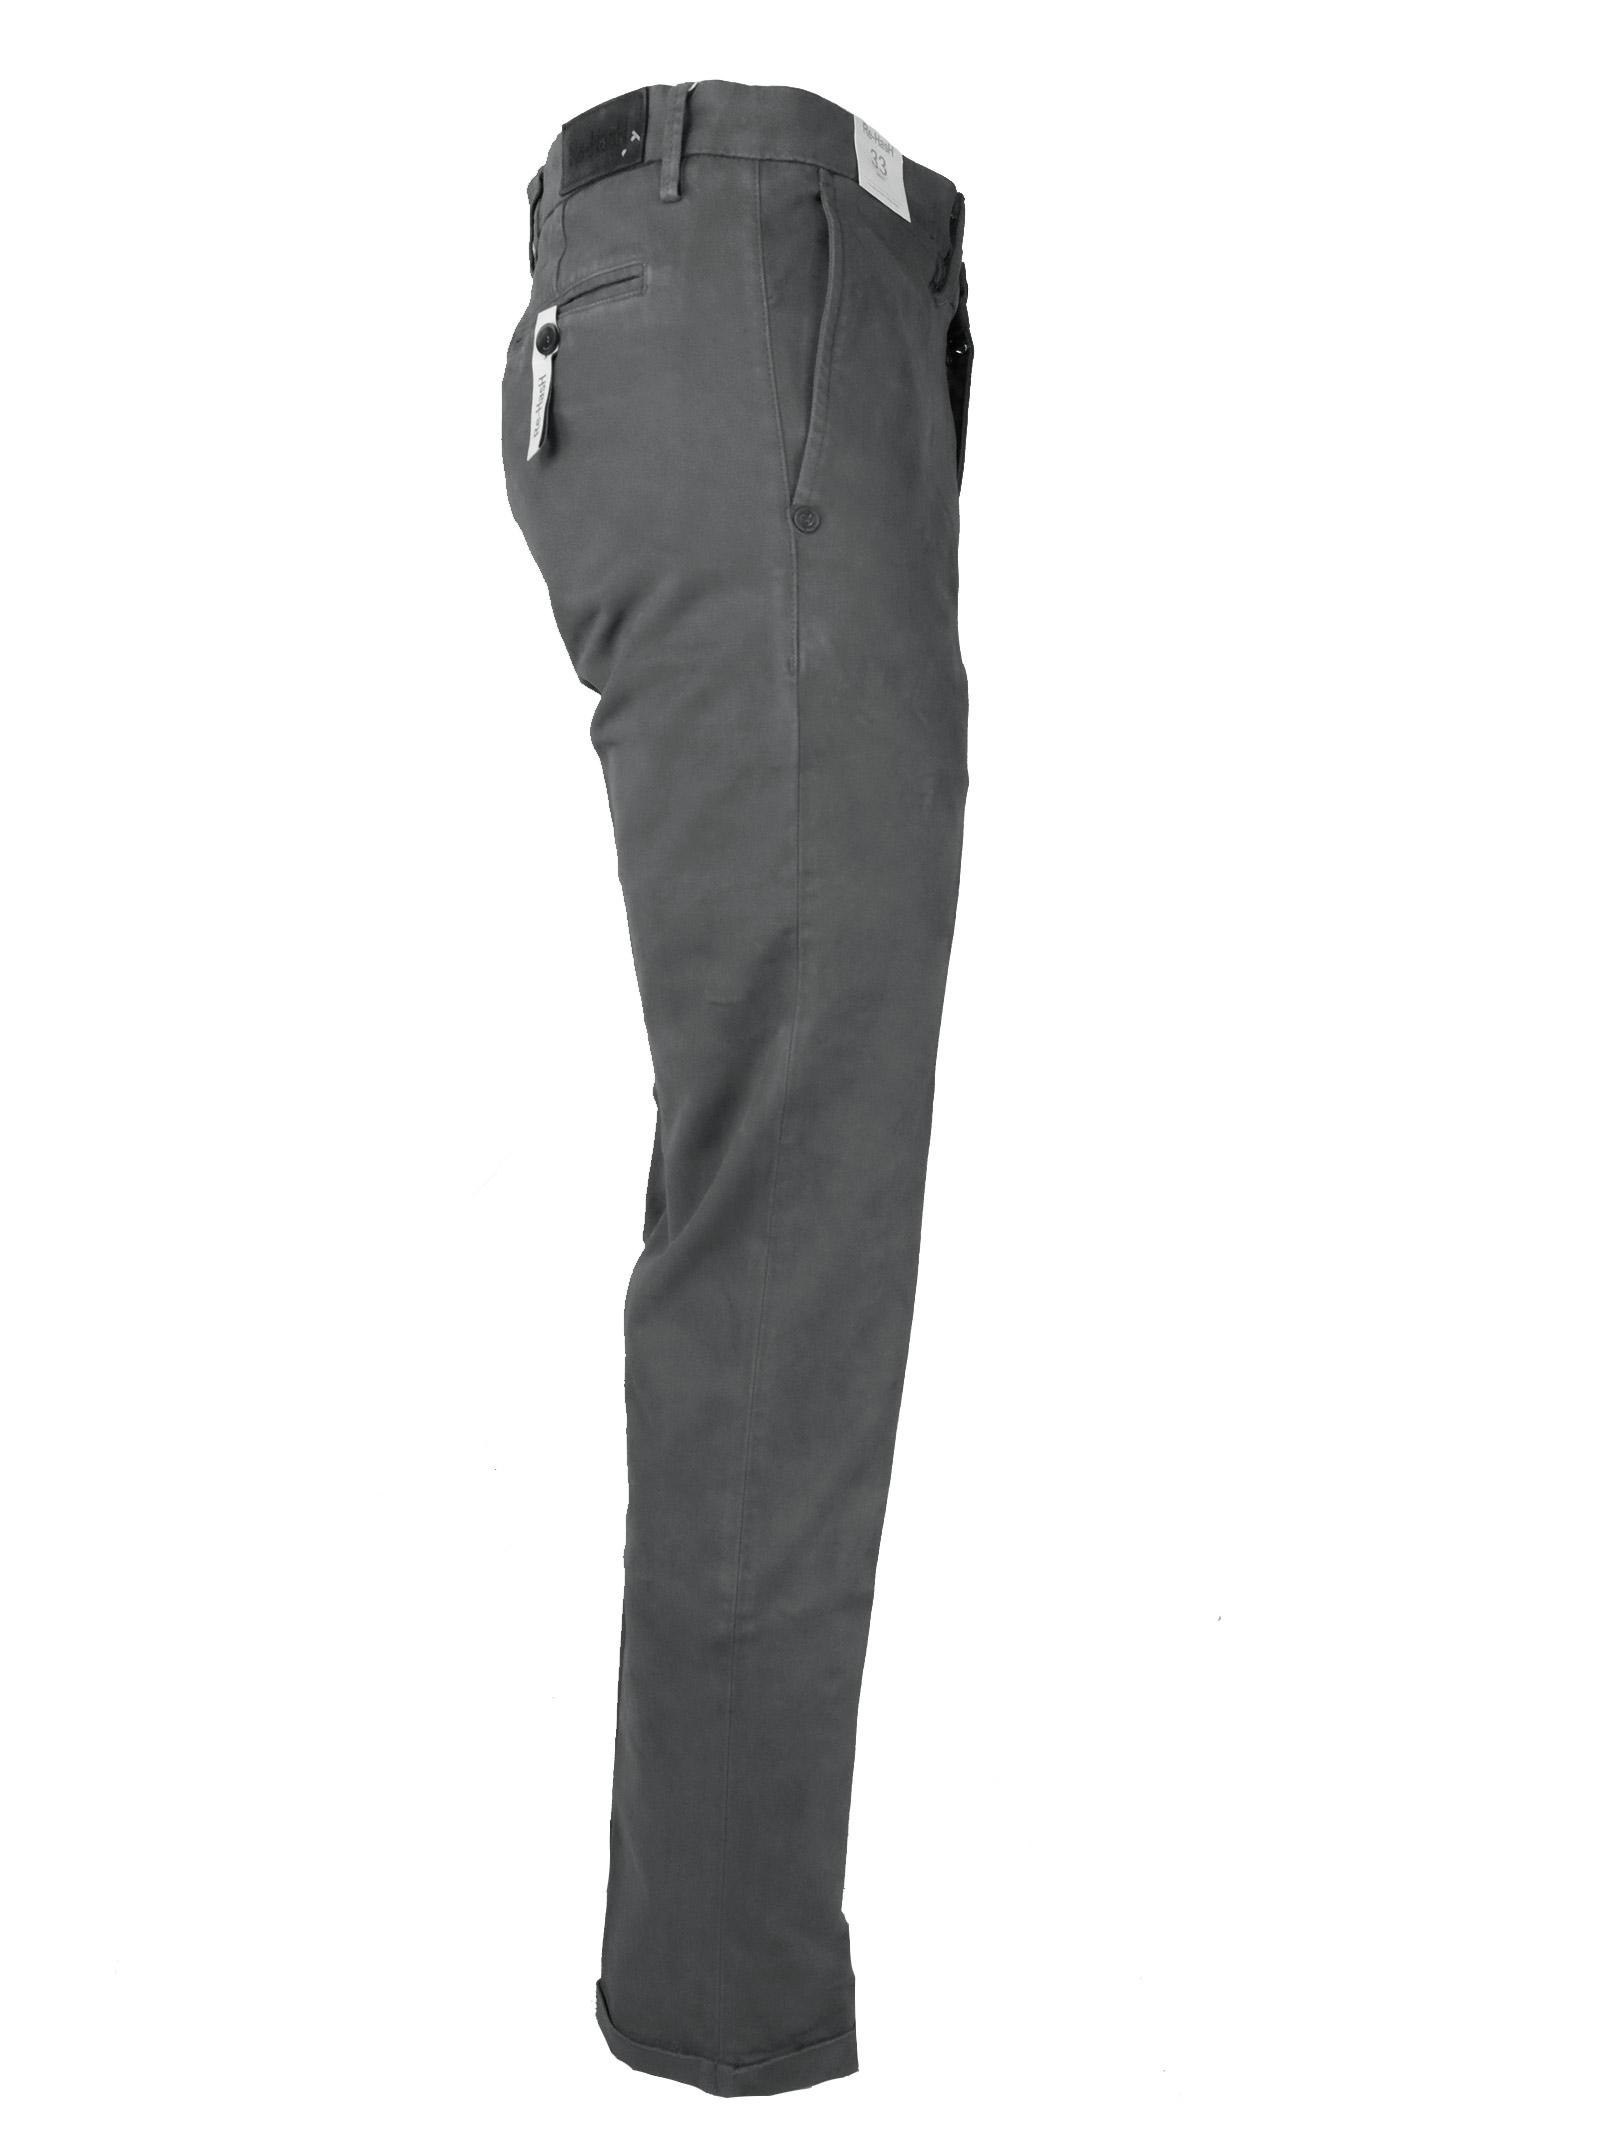 PANTALONI COTONE Re-HasH | Pantaloni | MUCHA 2076 BW58995402